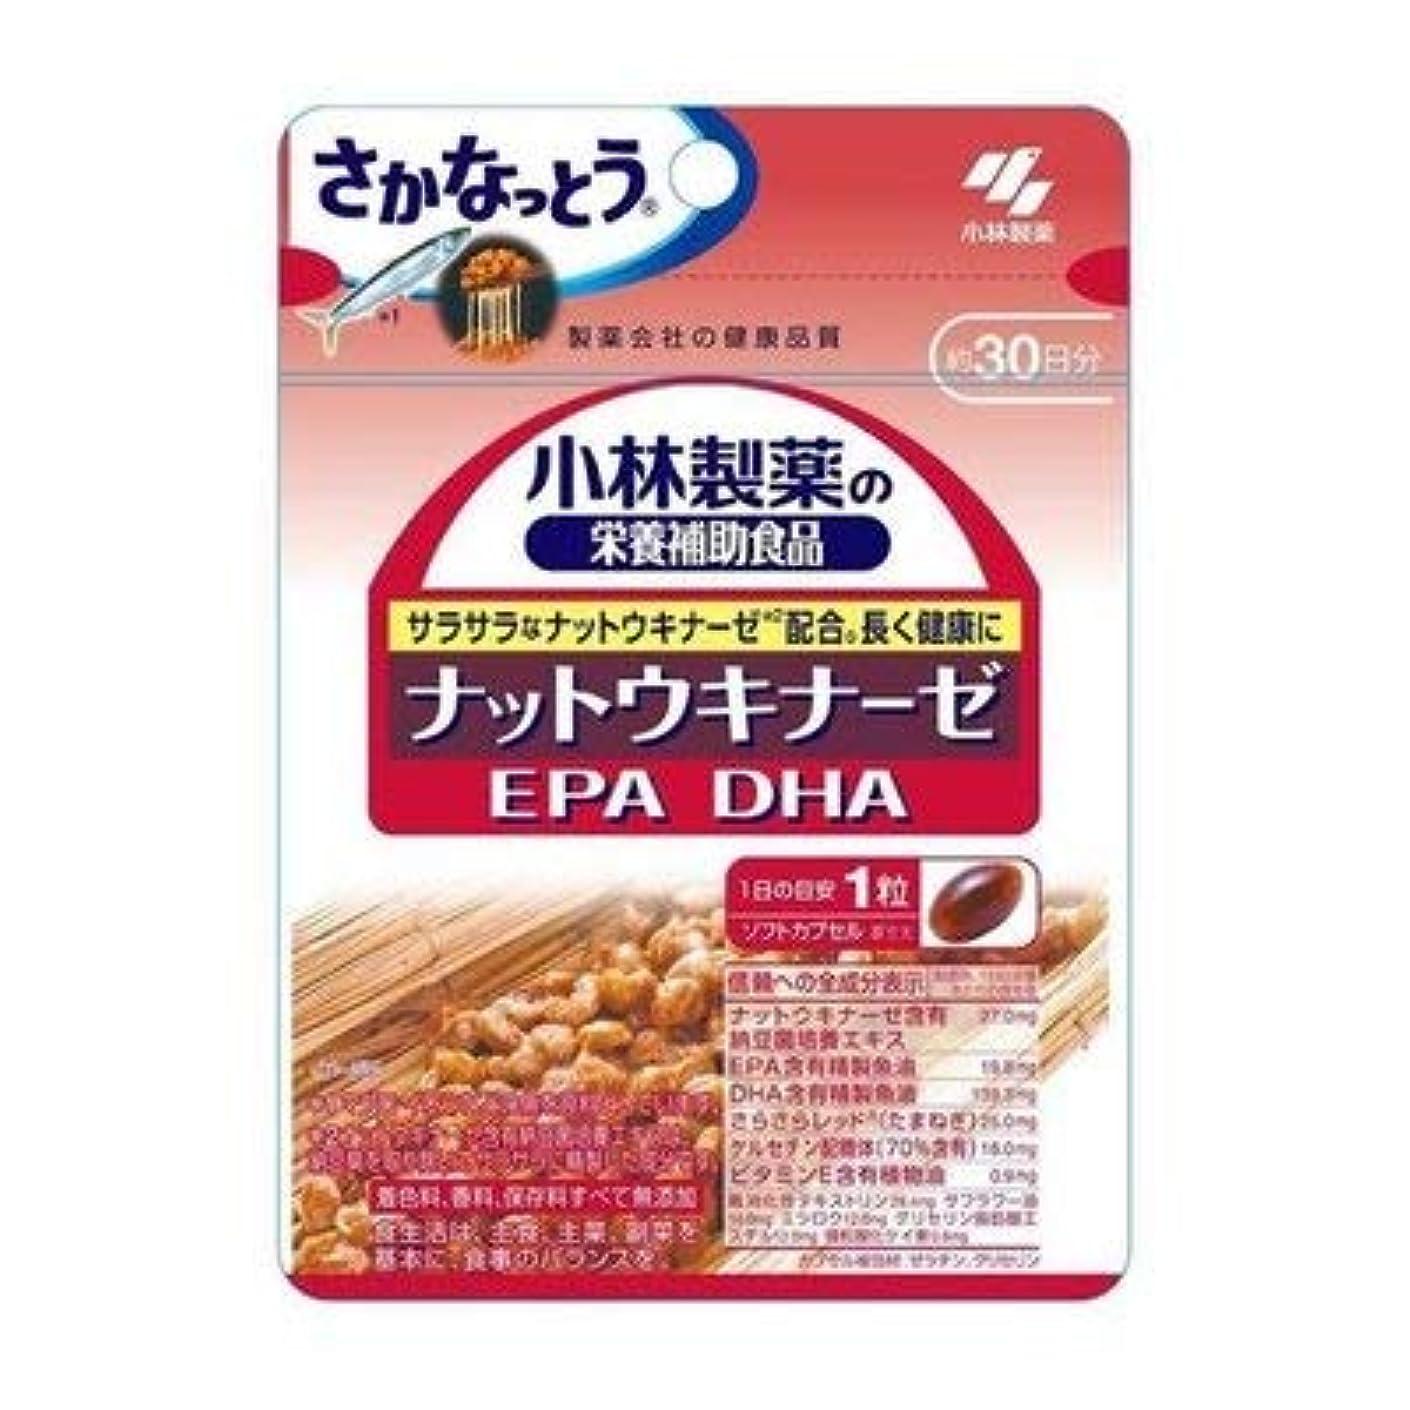 許容面積スキャンダル小林製薬 小林製薬の栄養補助食品ナットウキナーゼ?DHA?EPA30粒×5袋